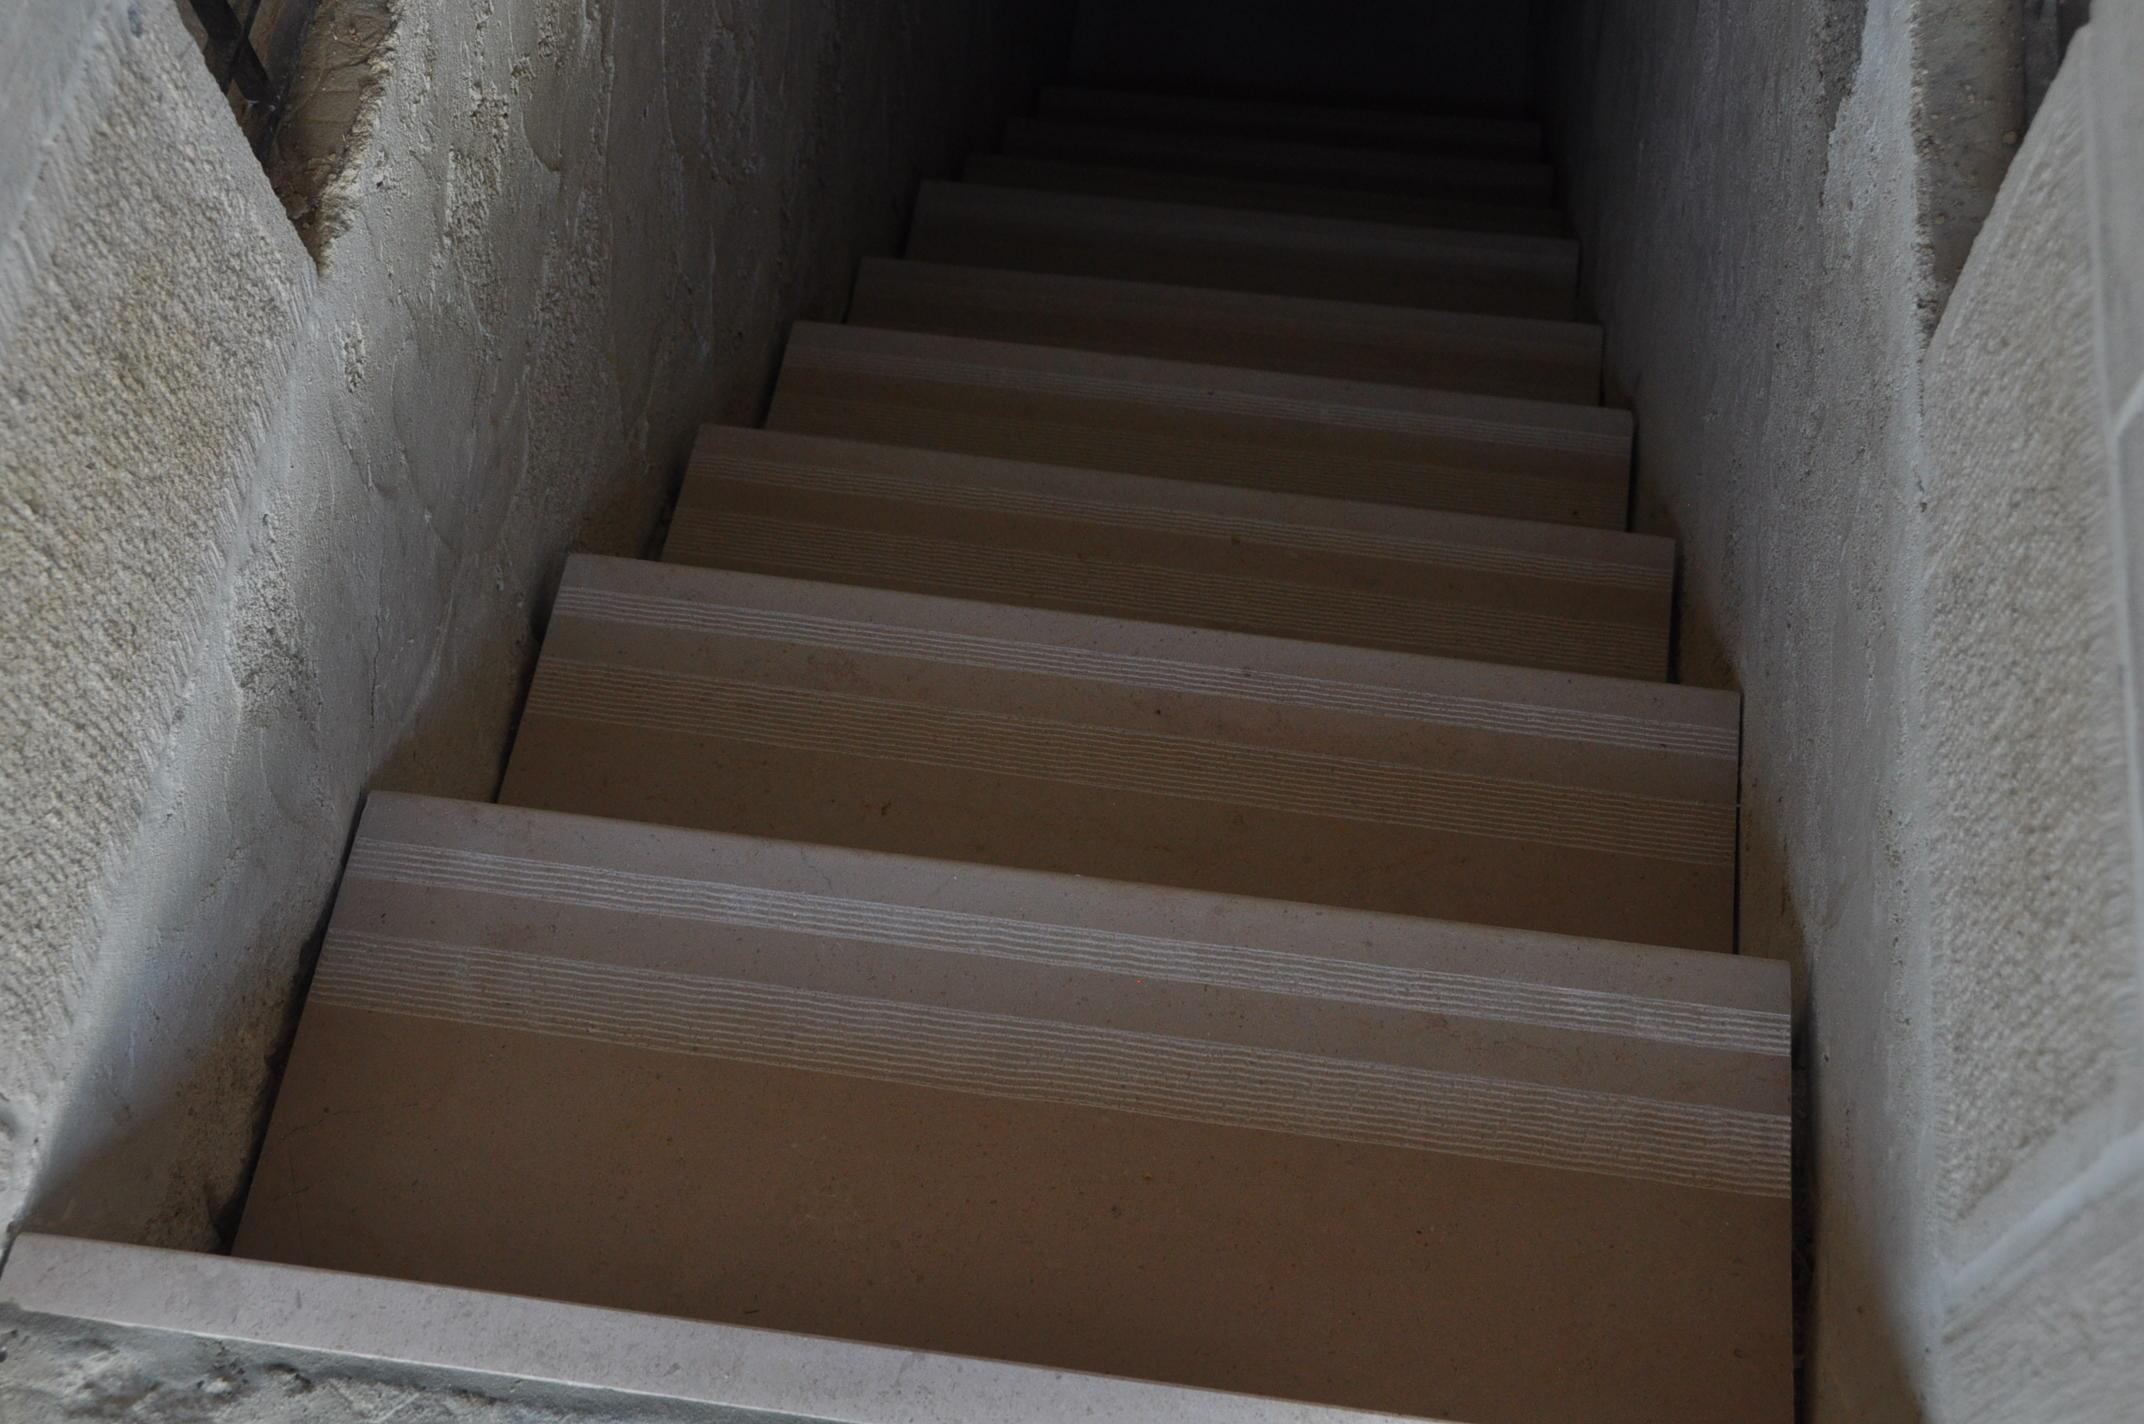 Escaliers en pierre de bourgogne